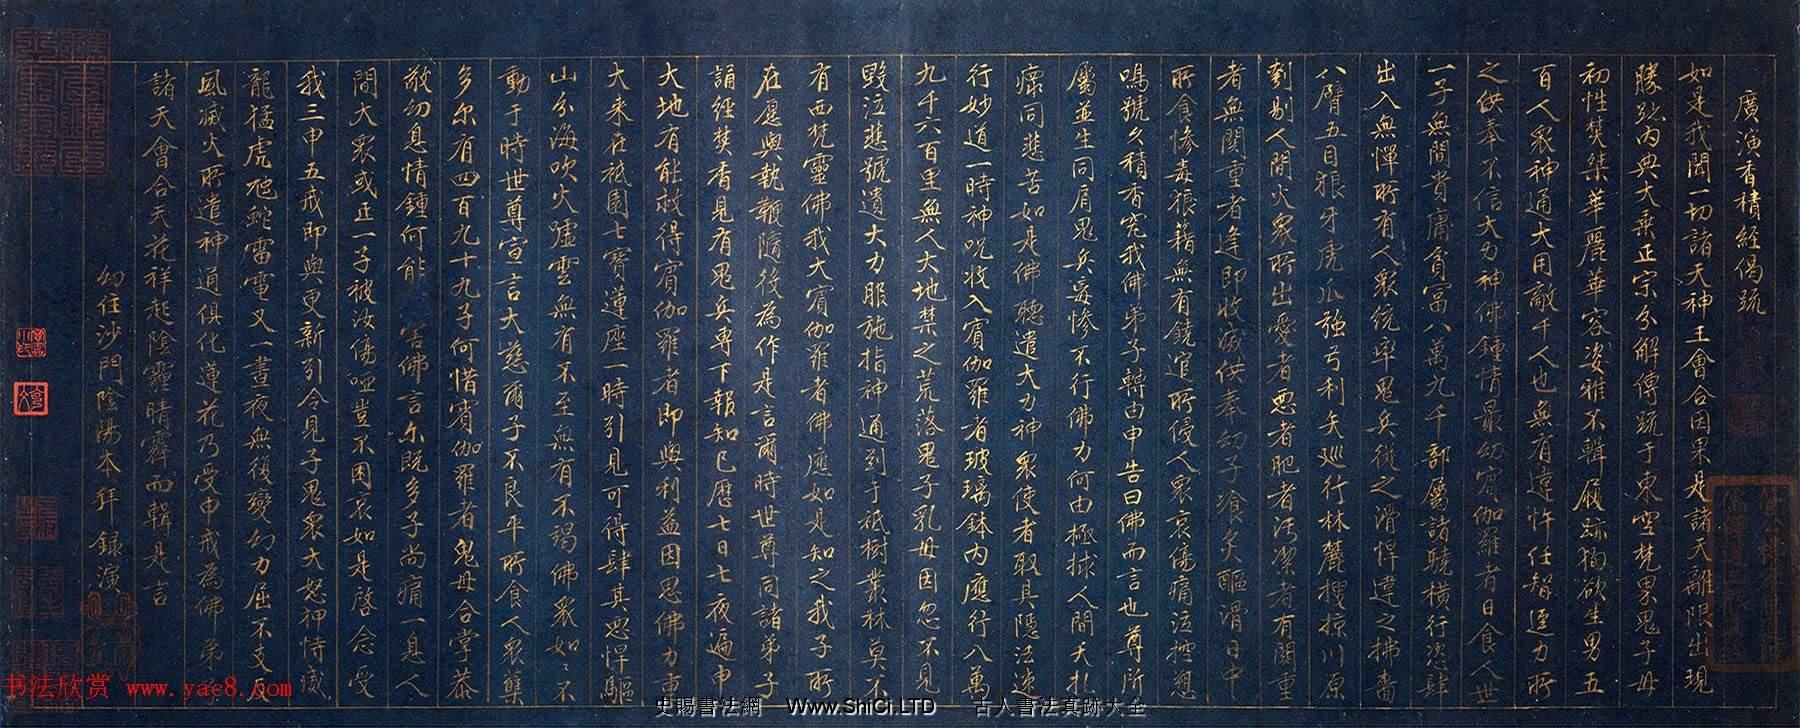 元代陰陽本金字書法真跡欣賞《廣演香積經偈疏》(共6張圖片)